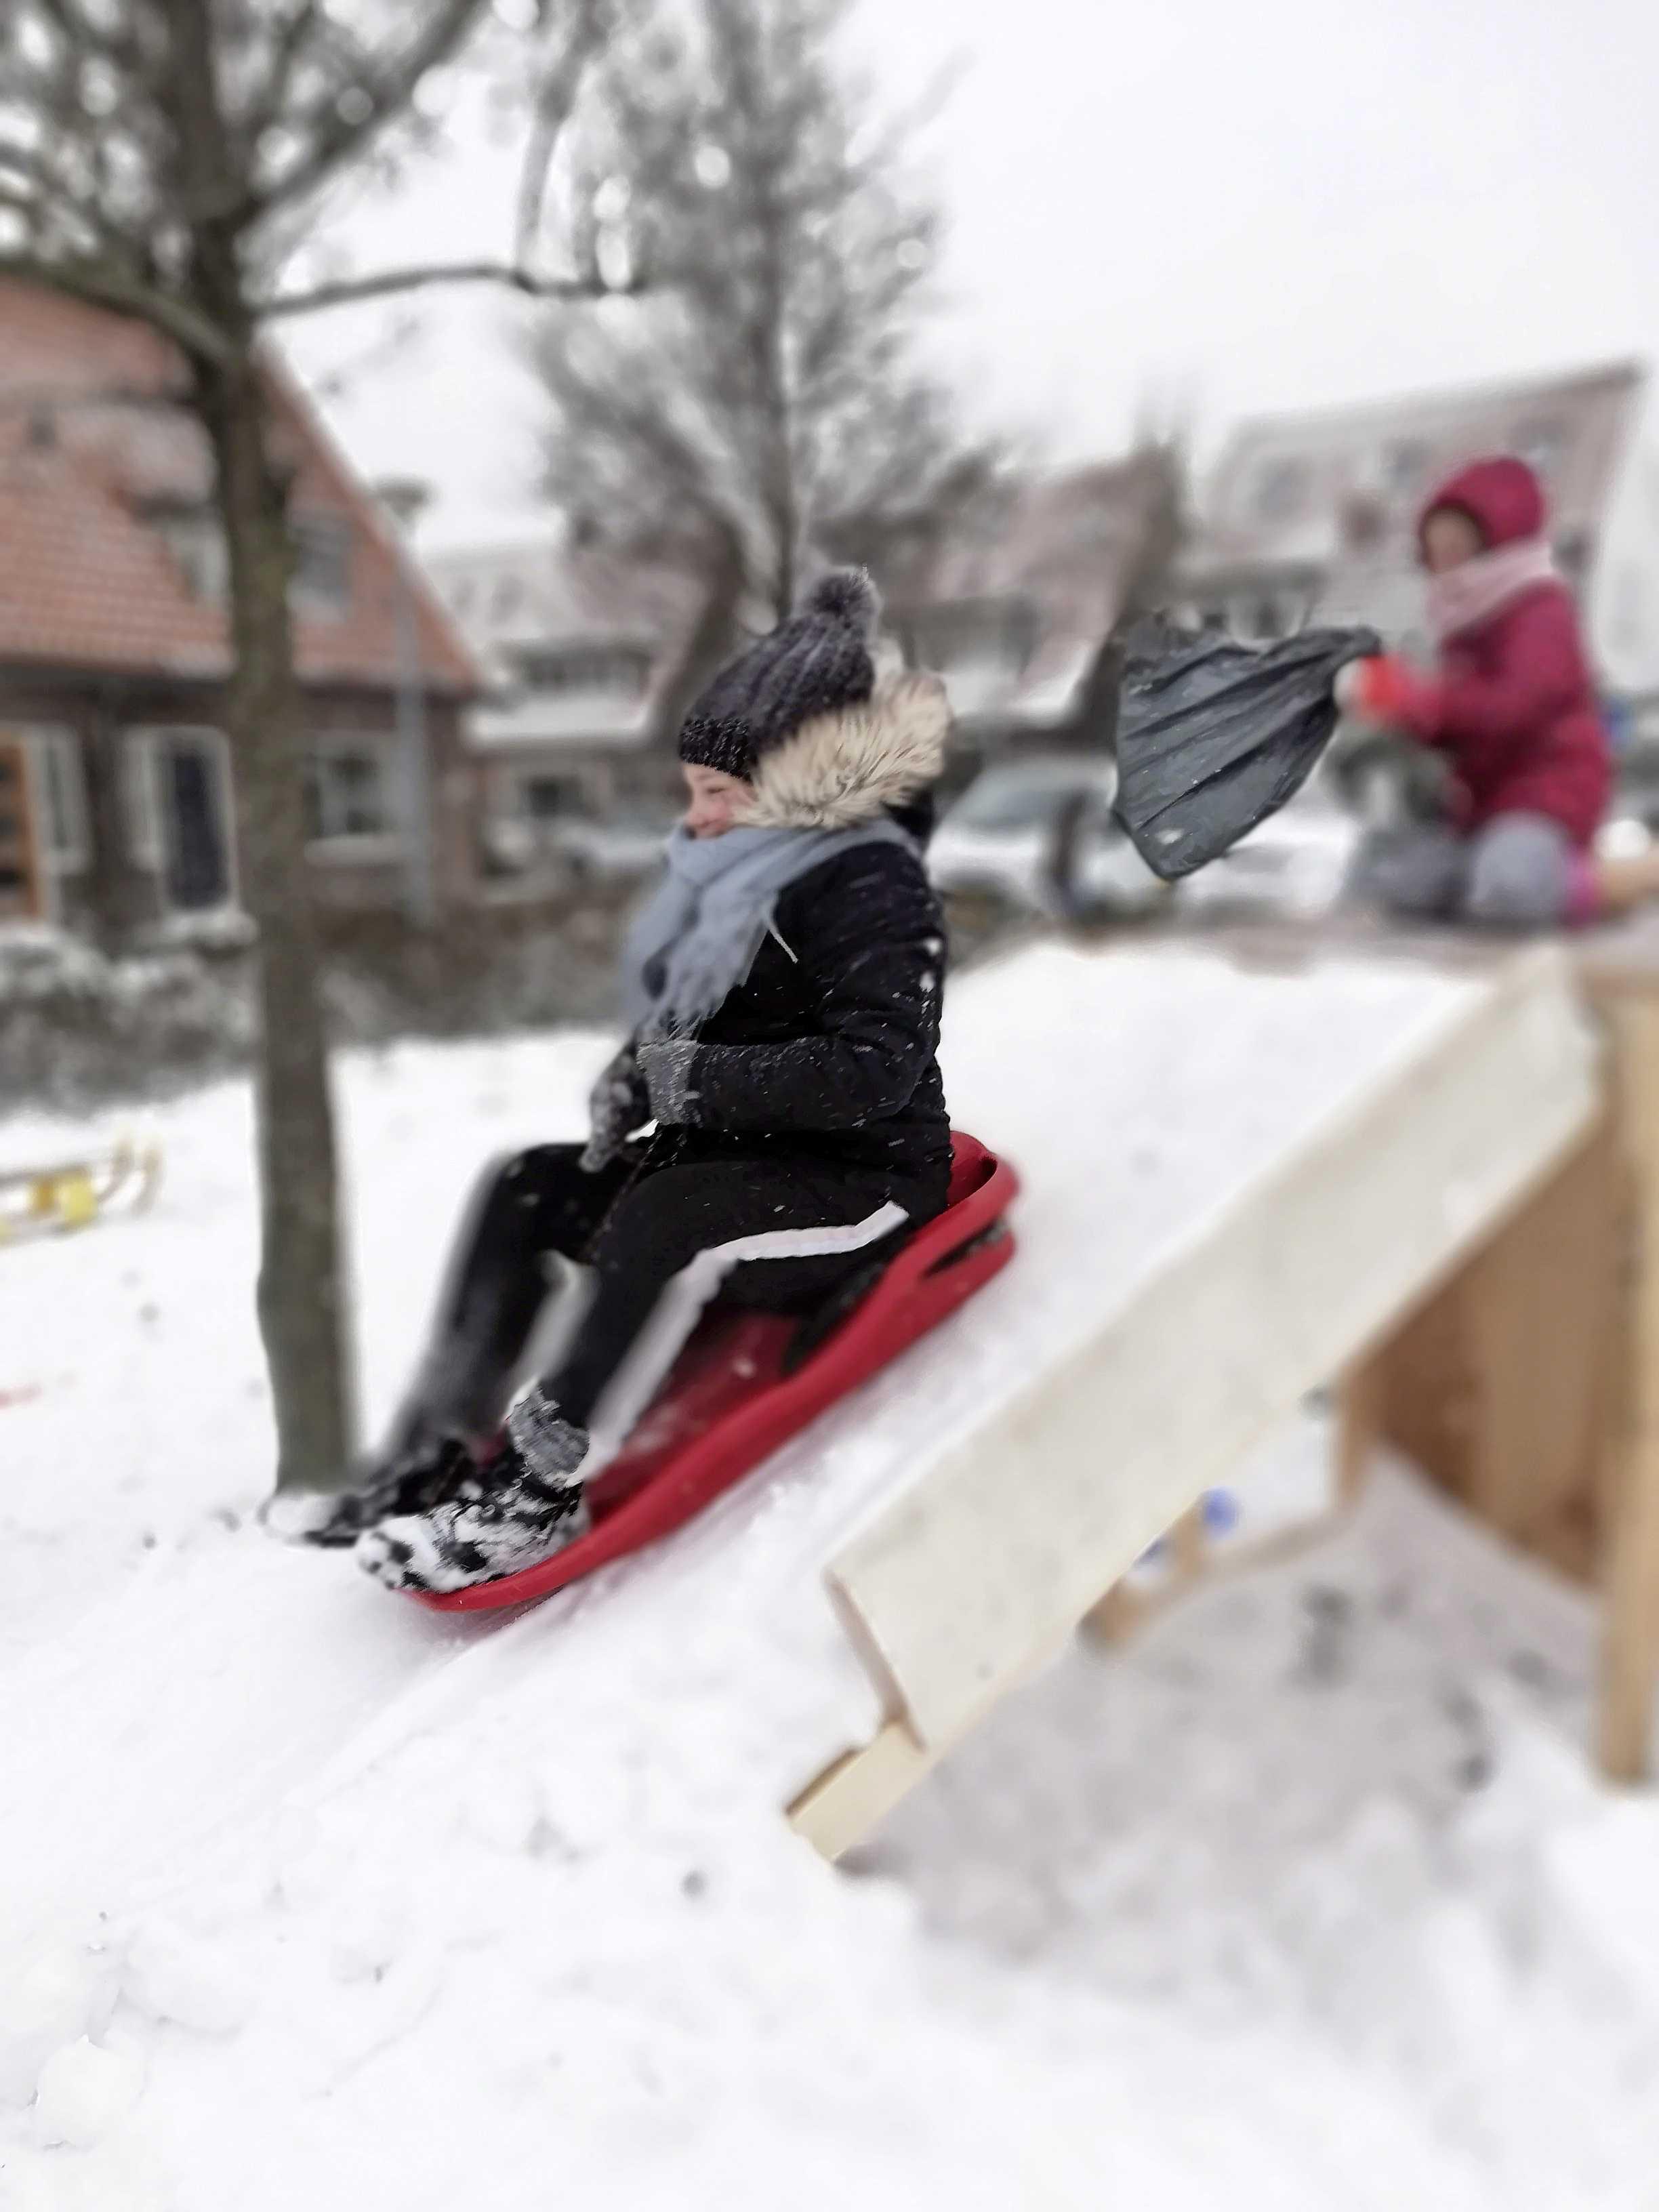 Eindelijk Winter! Beelden van sleetje rijders, fraaie landschappen en natuur